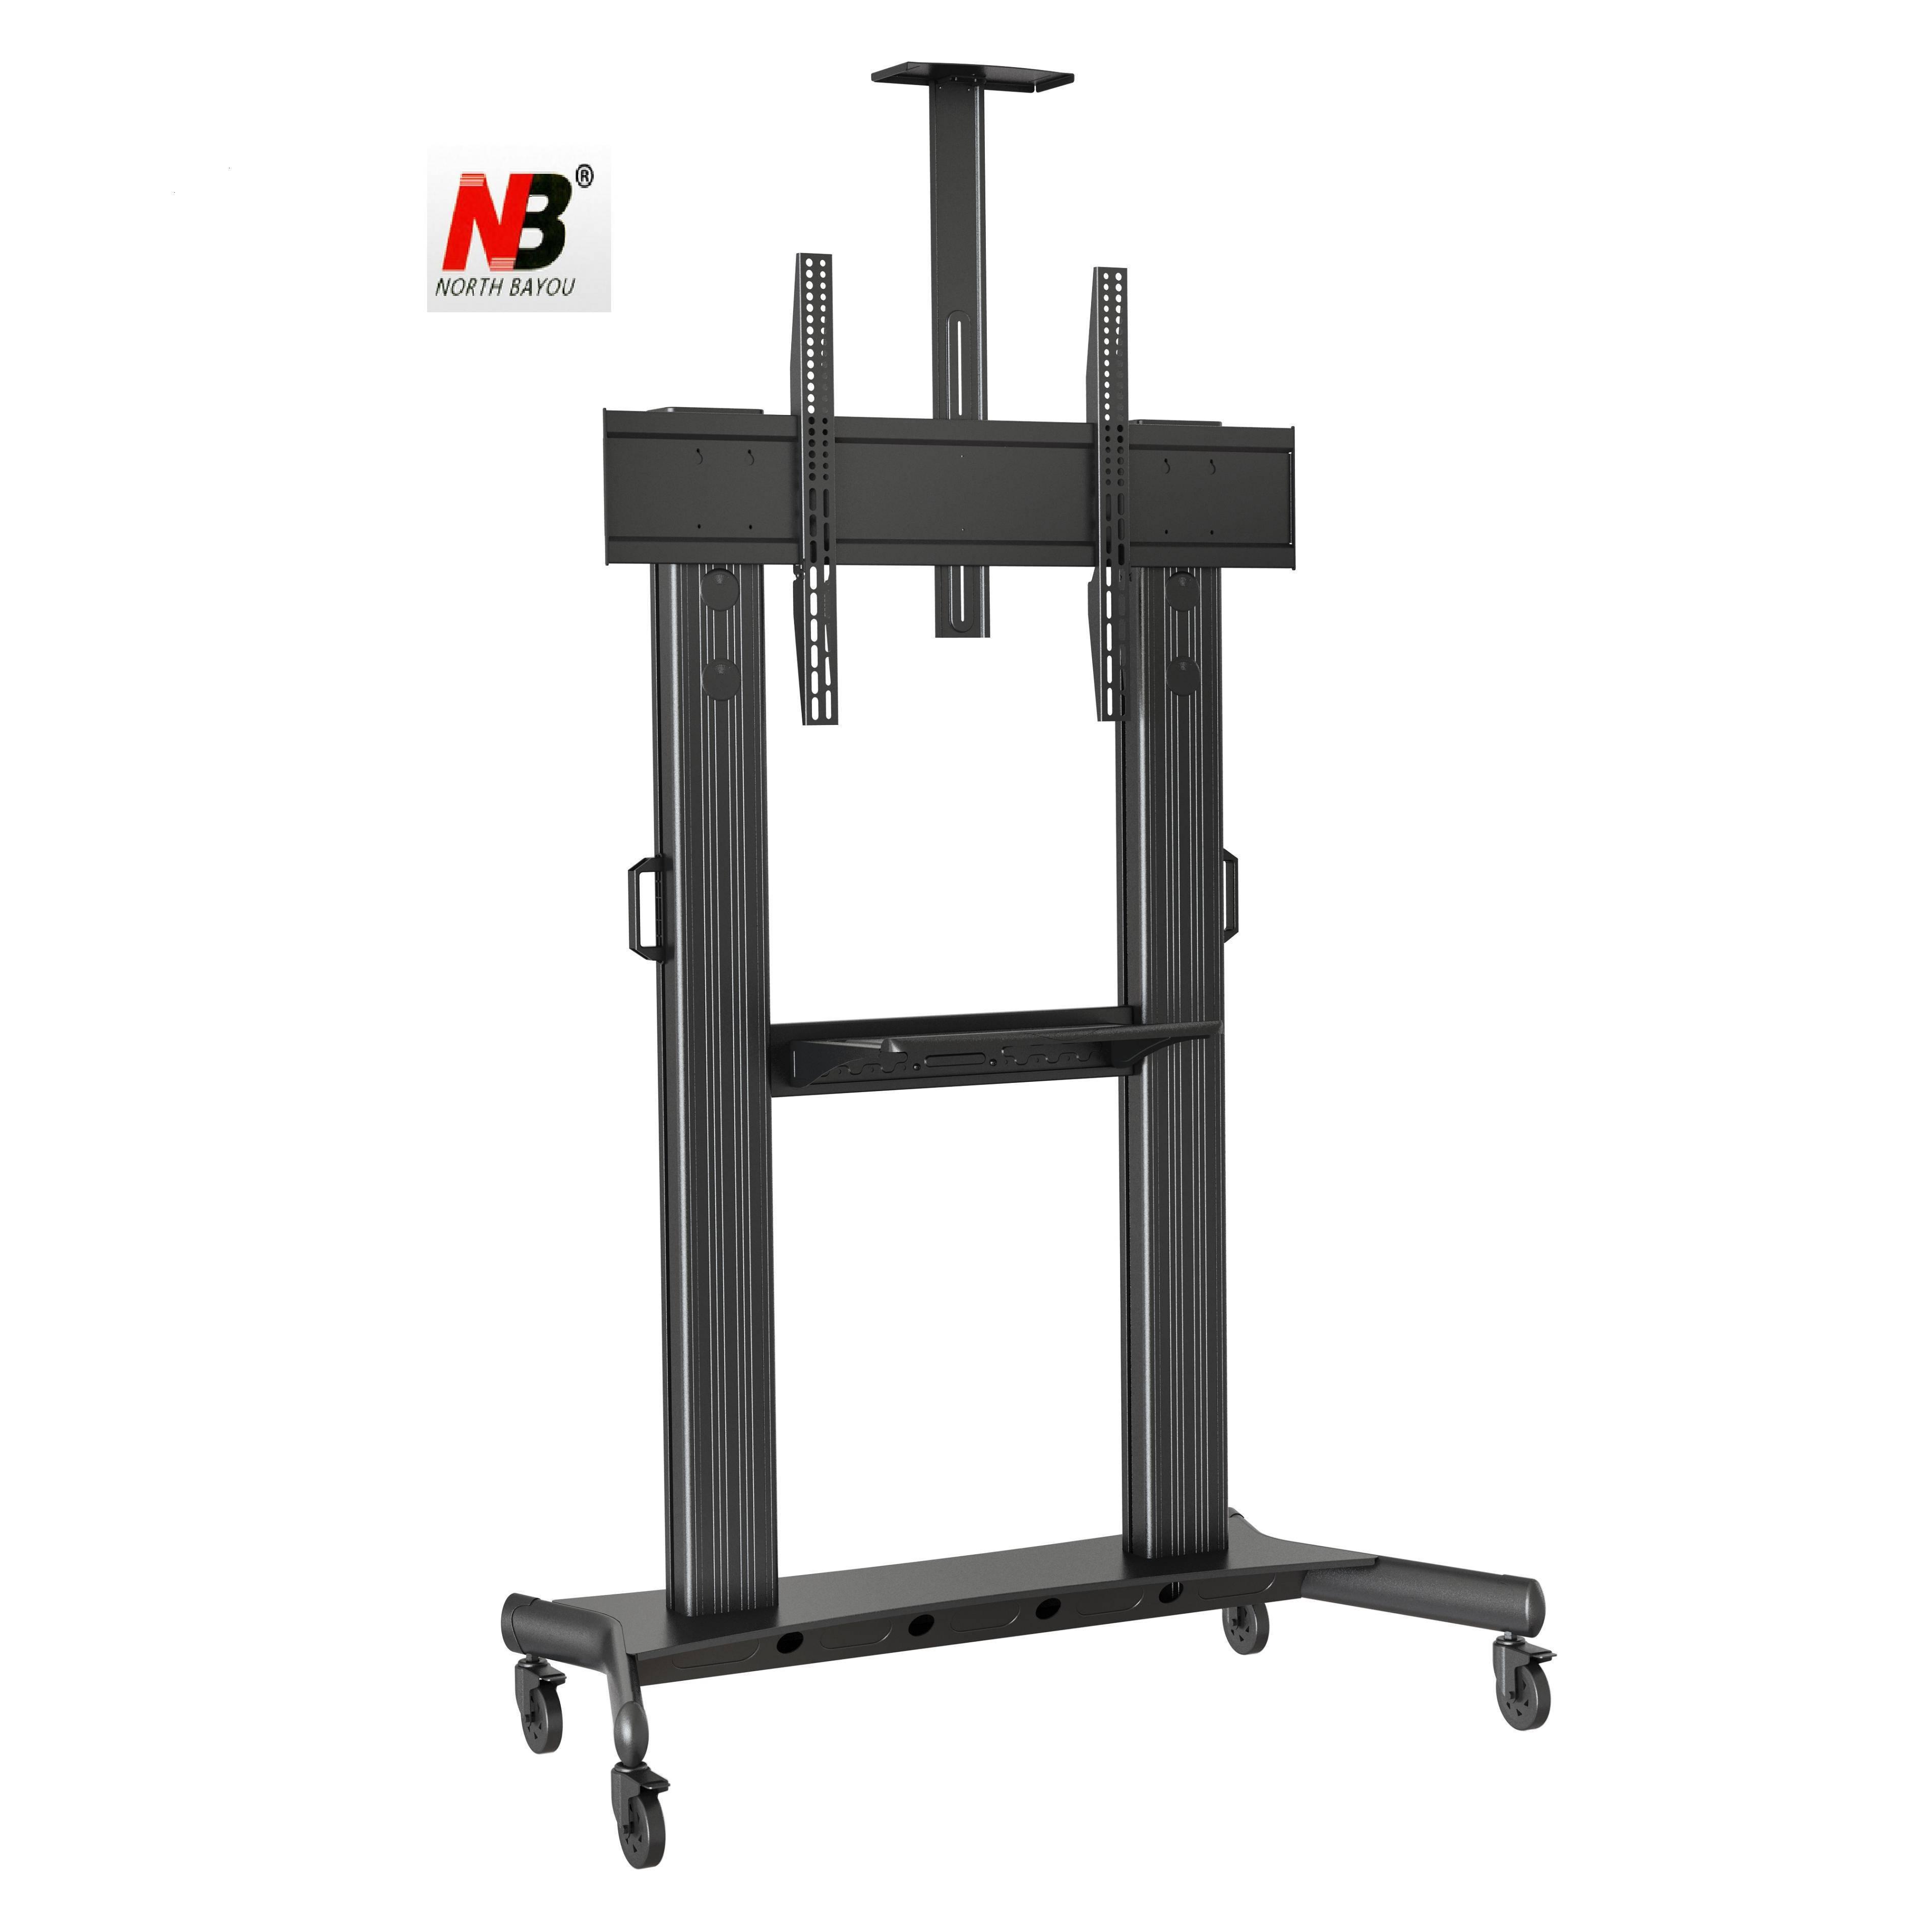 TV mobile stand , TV bracket, TV mount